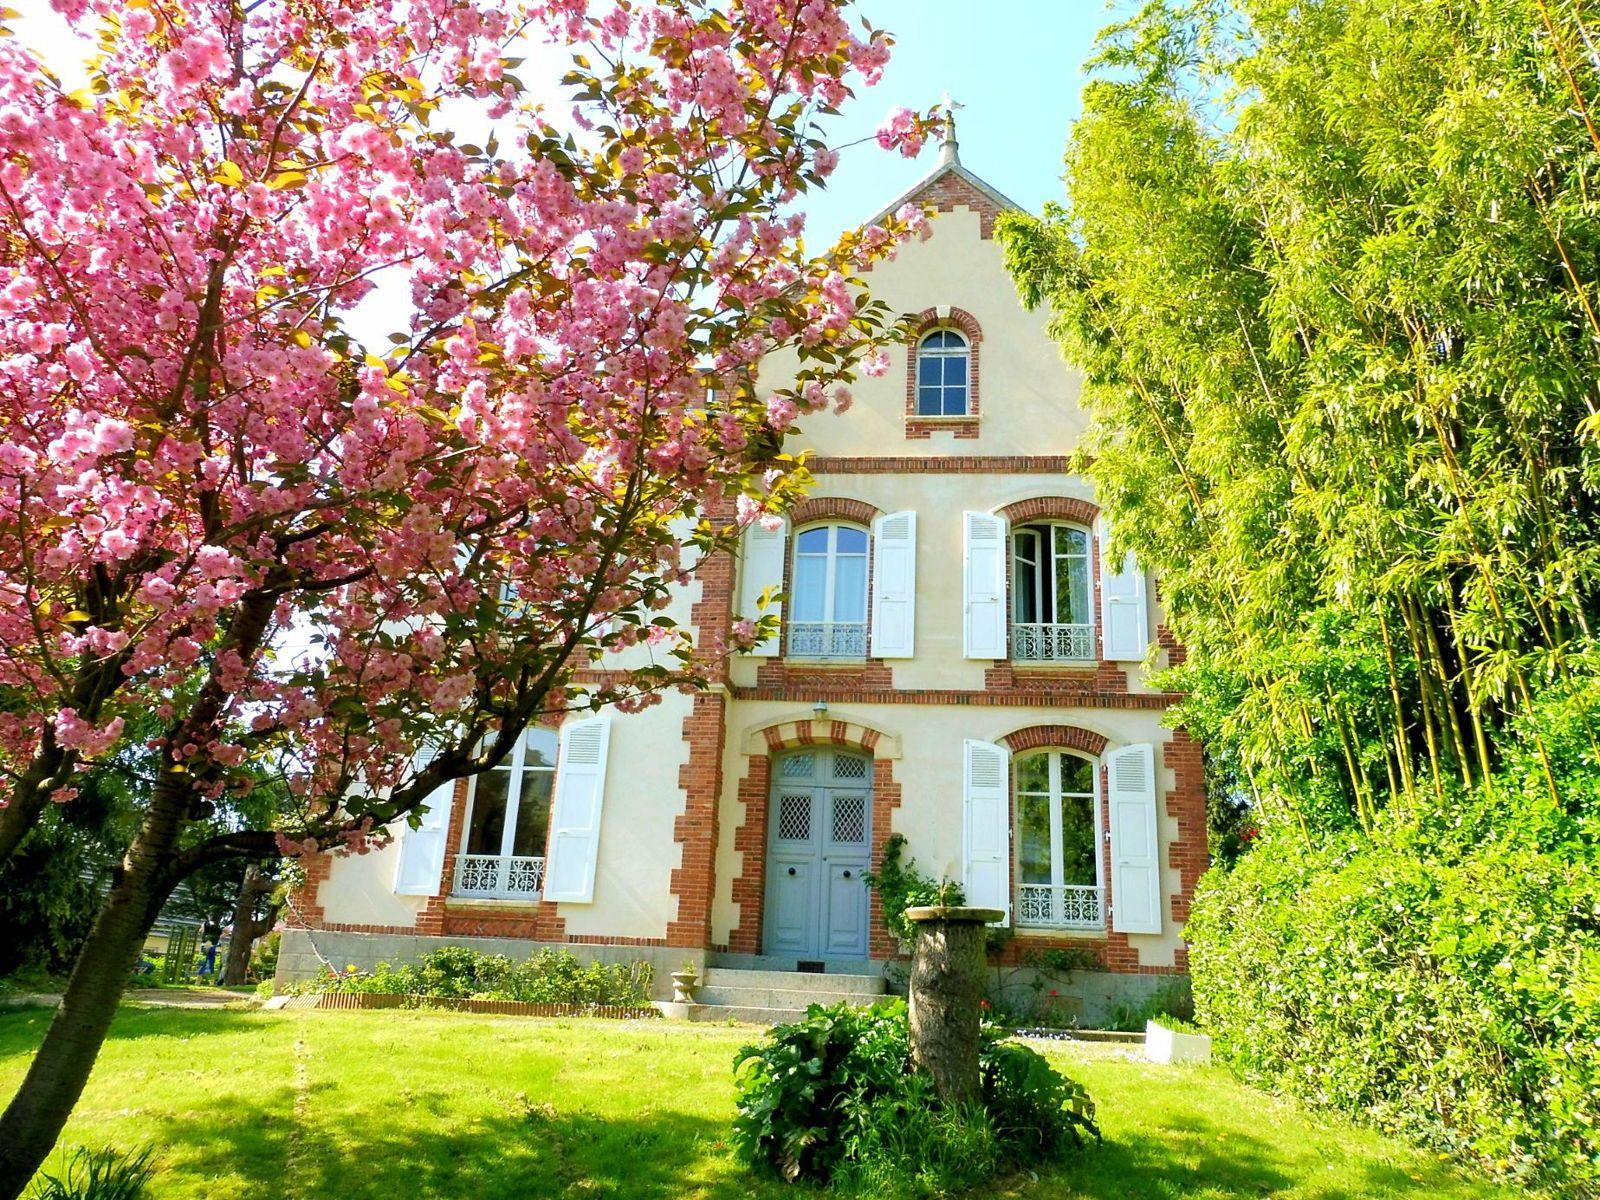 Vends maison à Coutances 300m², 12pièces, 7/8chambres